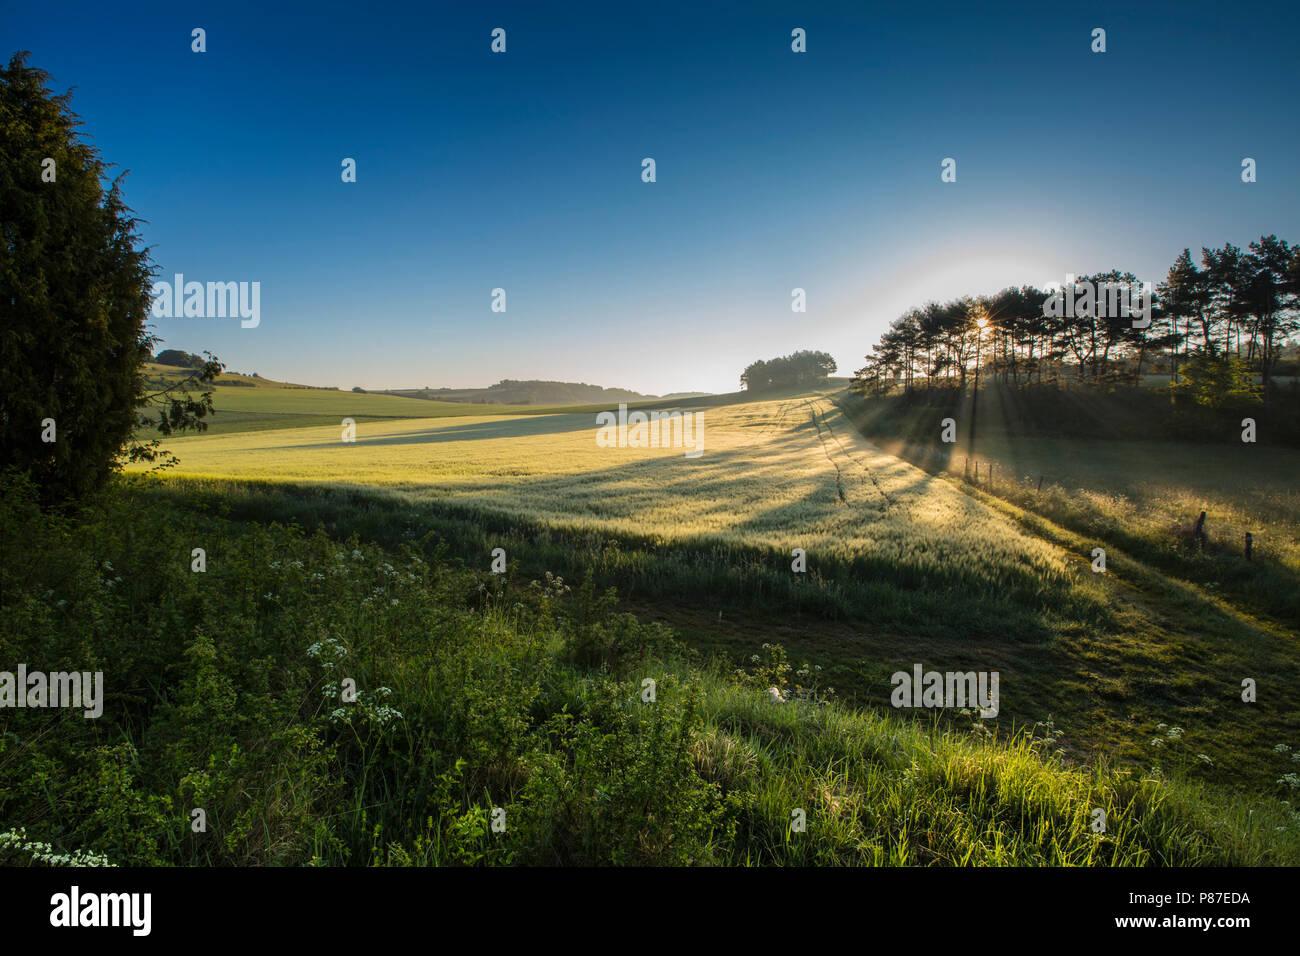 Graanakker in Duitsland, Corn field in Germany - Stock Image